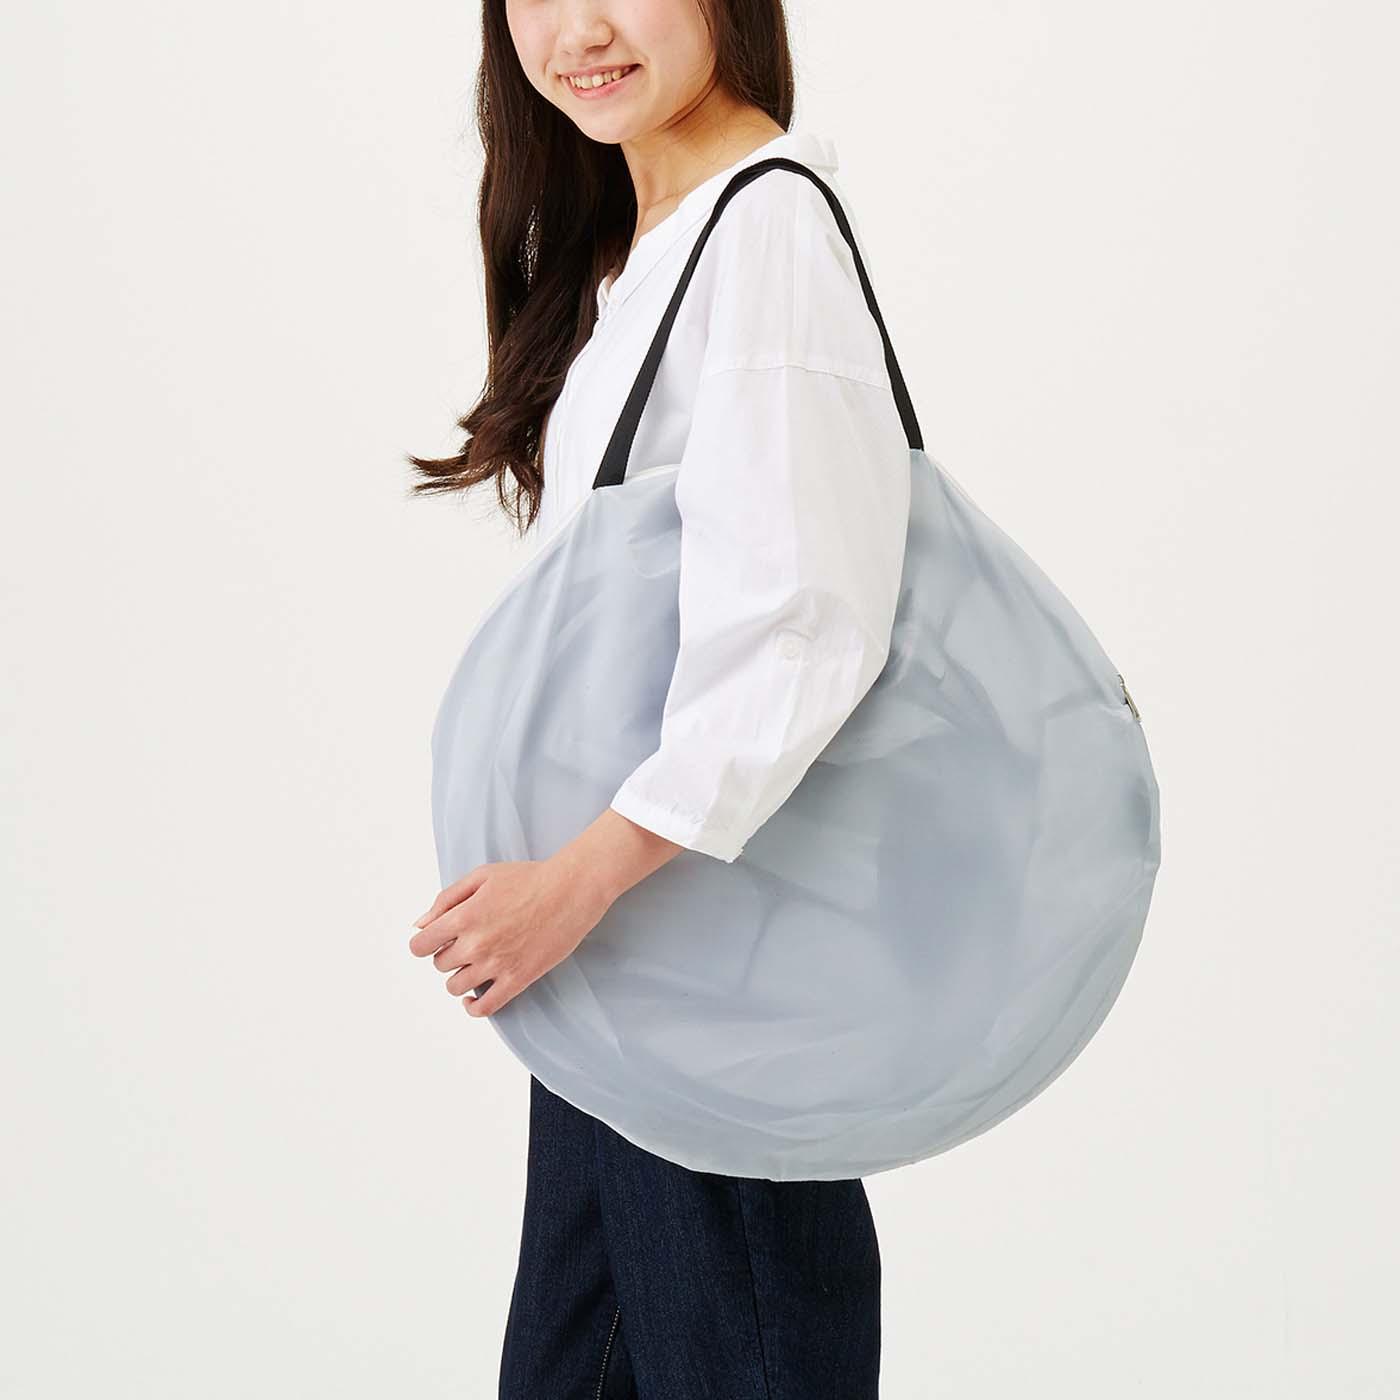 持ち運び用バッグは肩に掛けられて持ち運びらくらく。